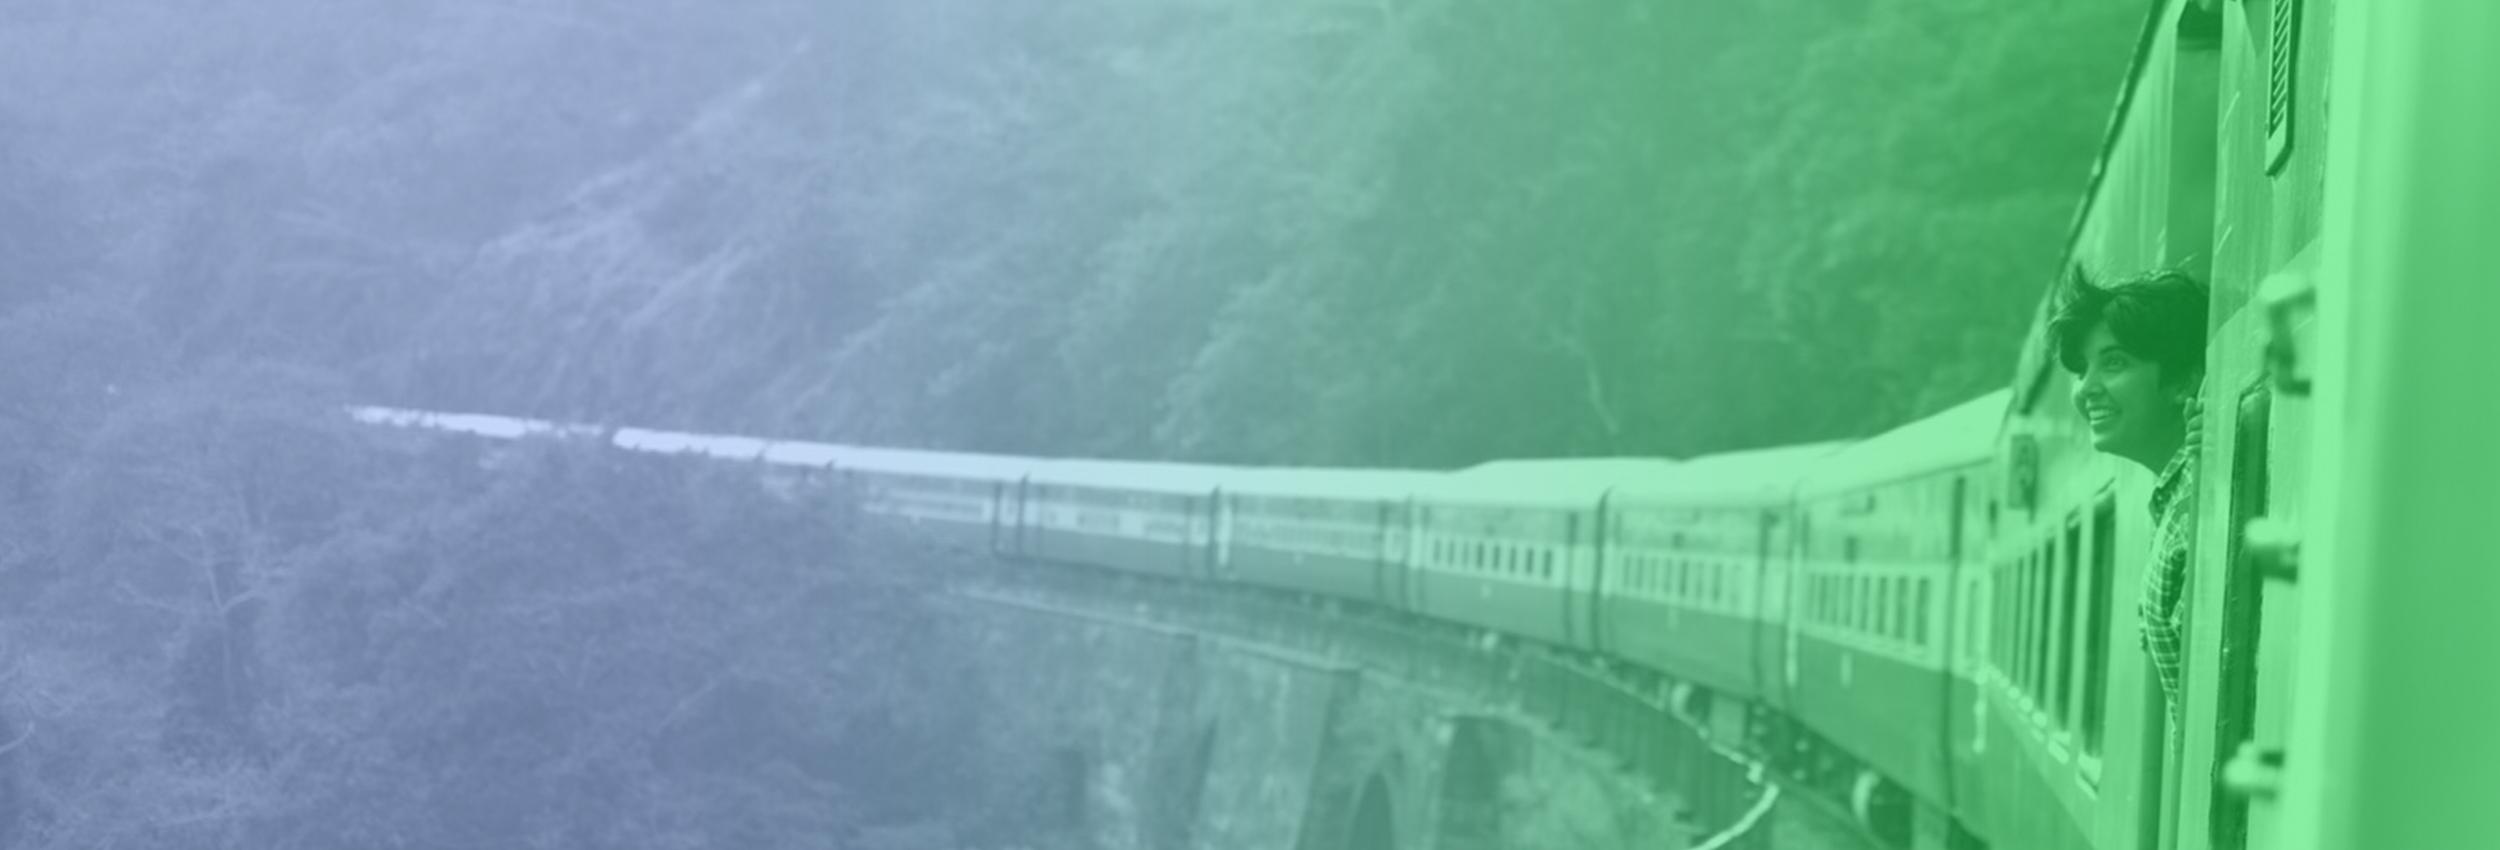 Оплачиваем проезд: как передвигаться по Индии? Оплачиваем проезд: как передвигаться по Индии? poeyd 202